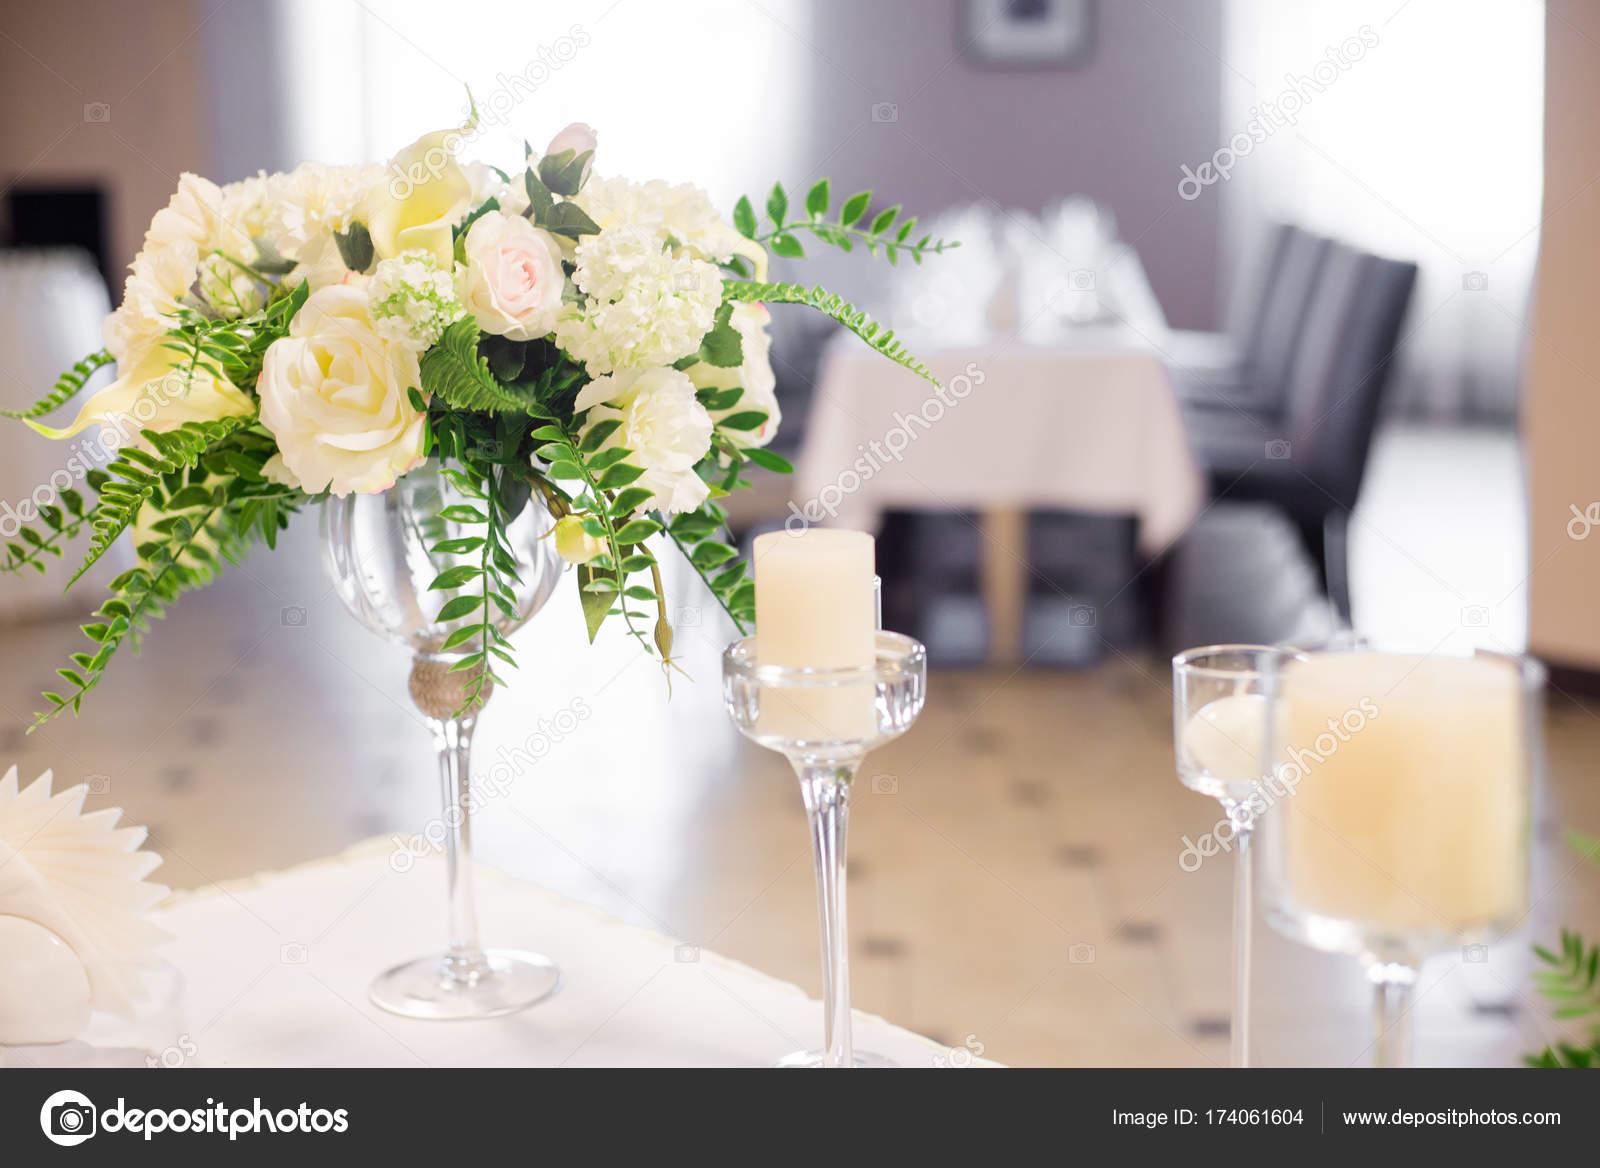 Hochzeit Dekoration Im Inneren Weisse Blumen Auf Dem Tisch Die